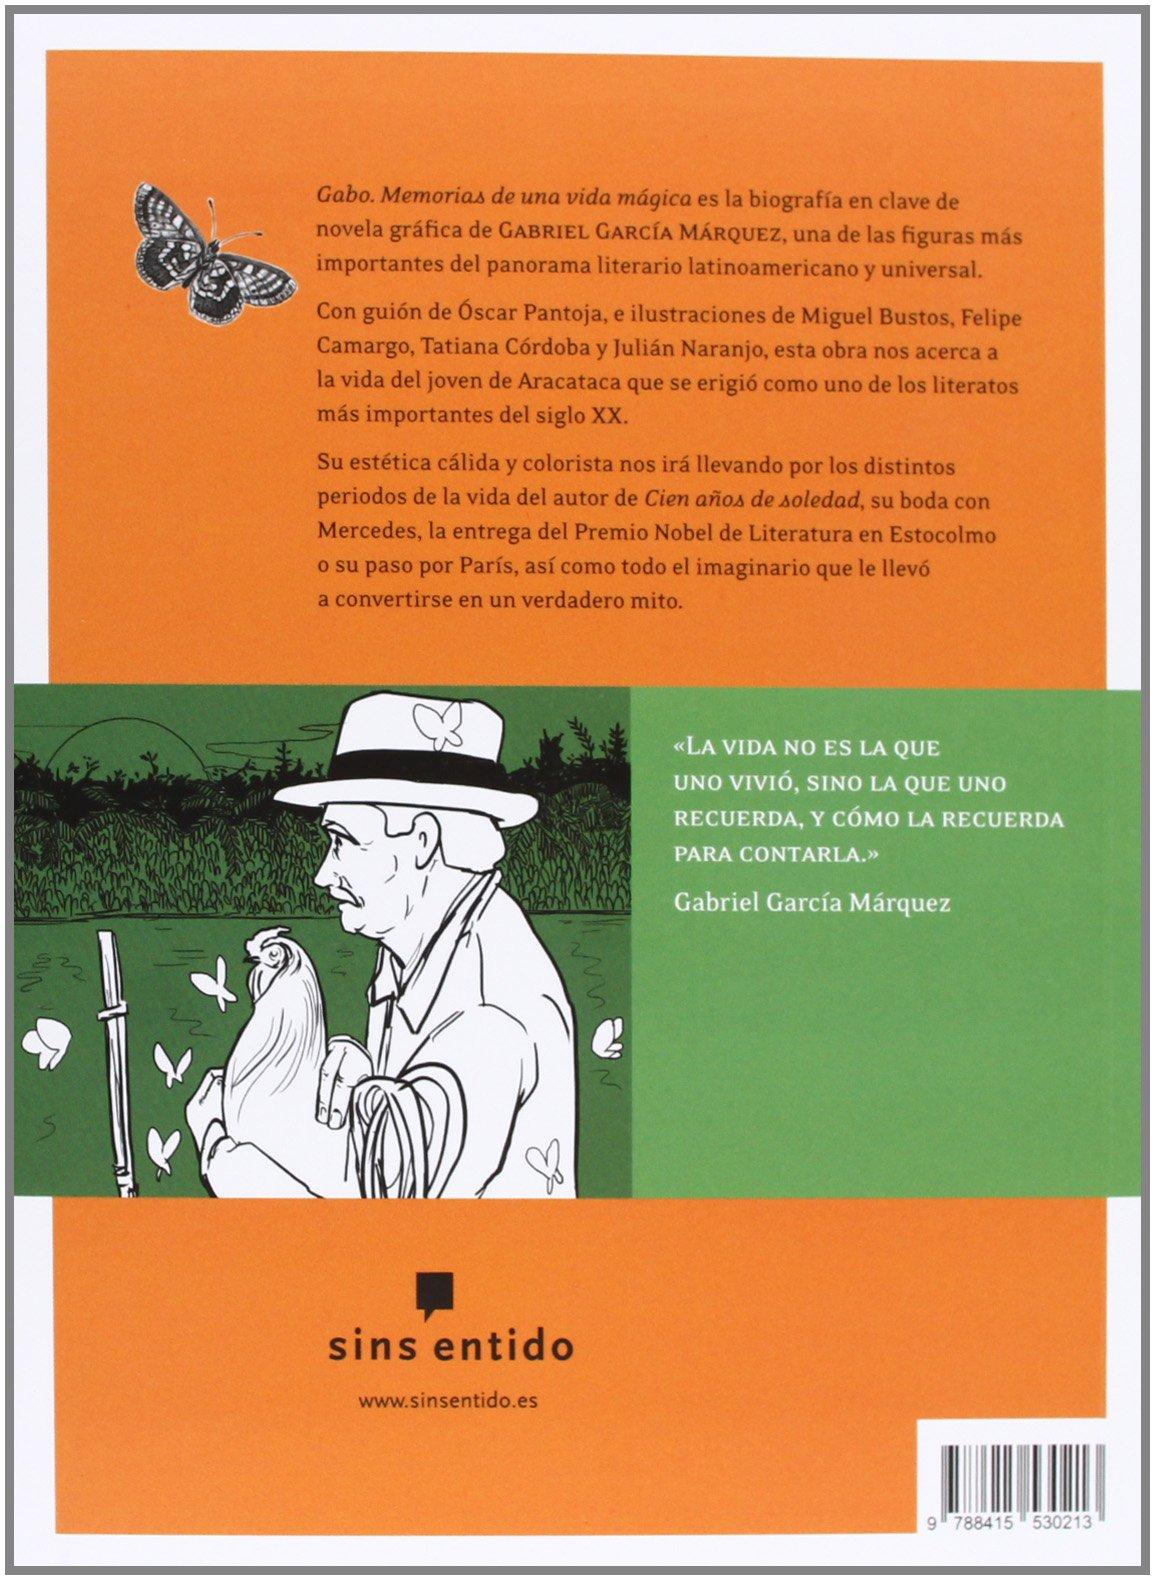 Gabo. Memorias De Una Vida Mágica: Amazon.es: Vv.Aa.: Libros